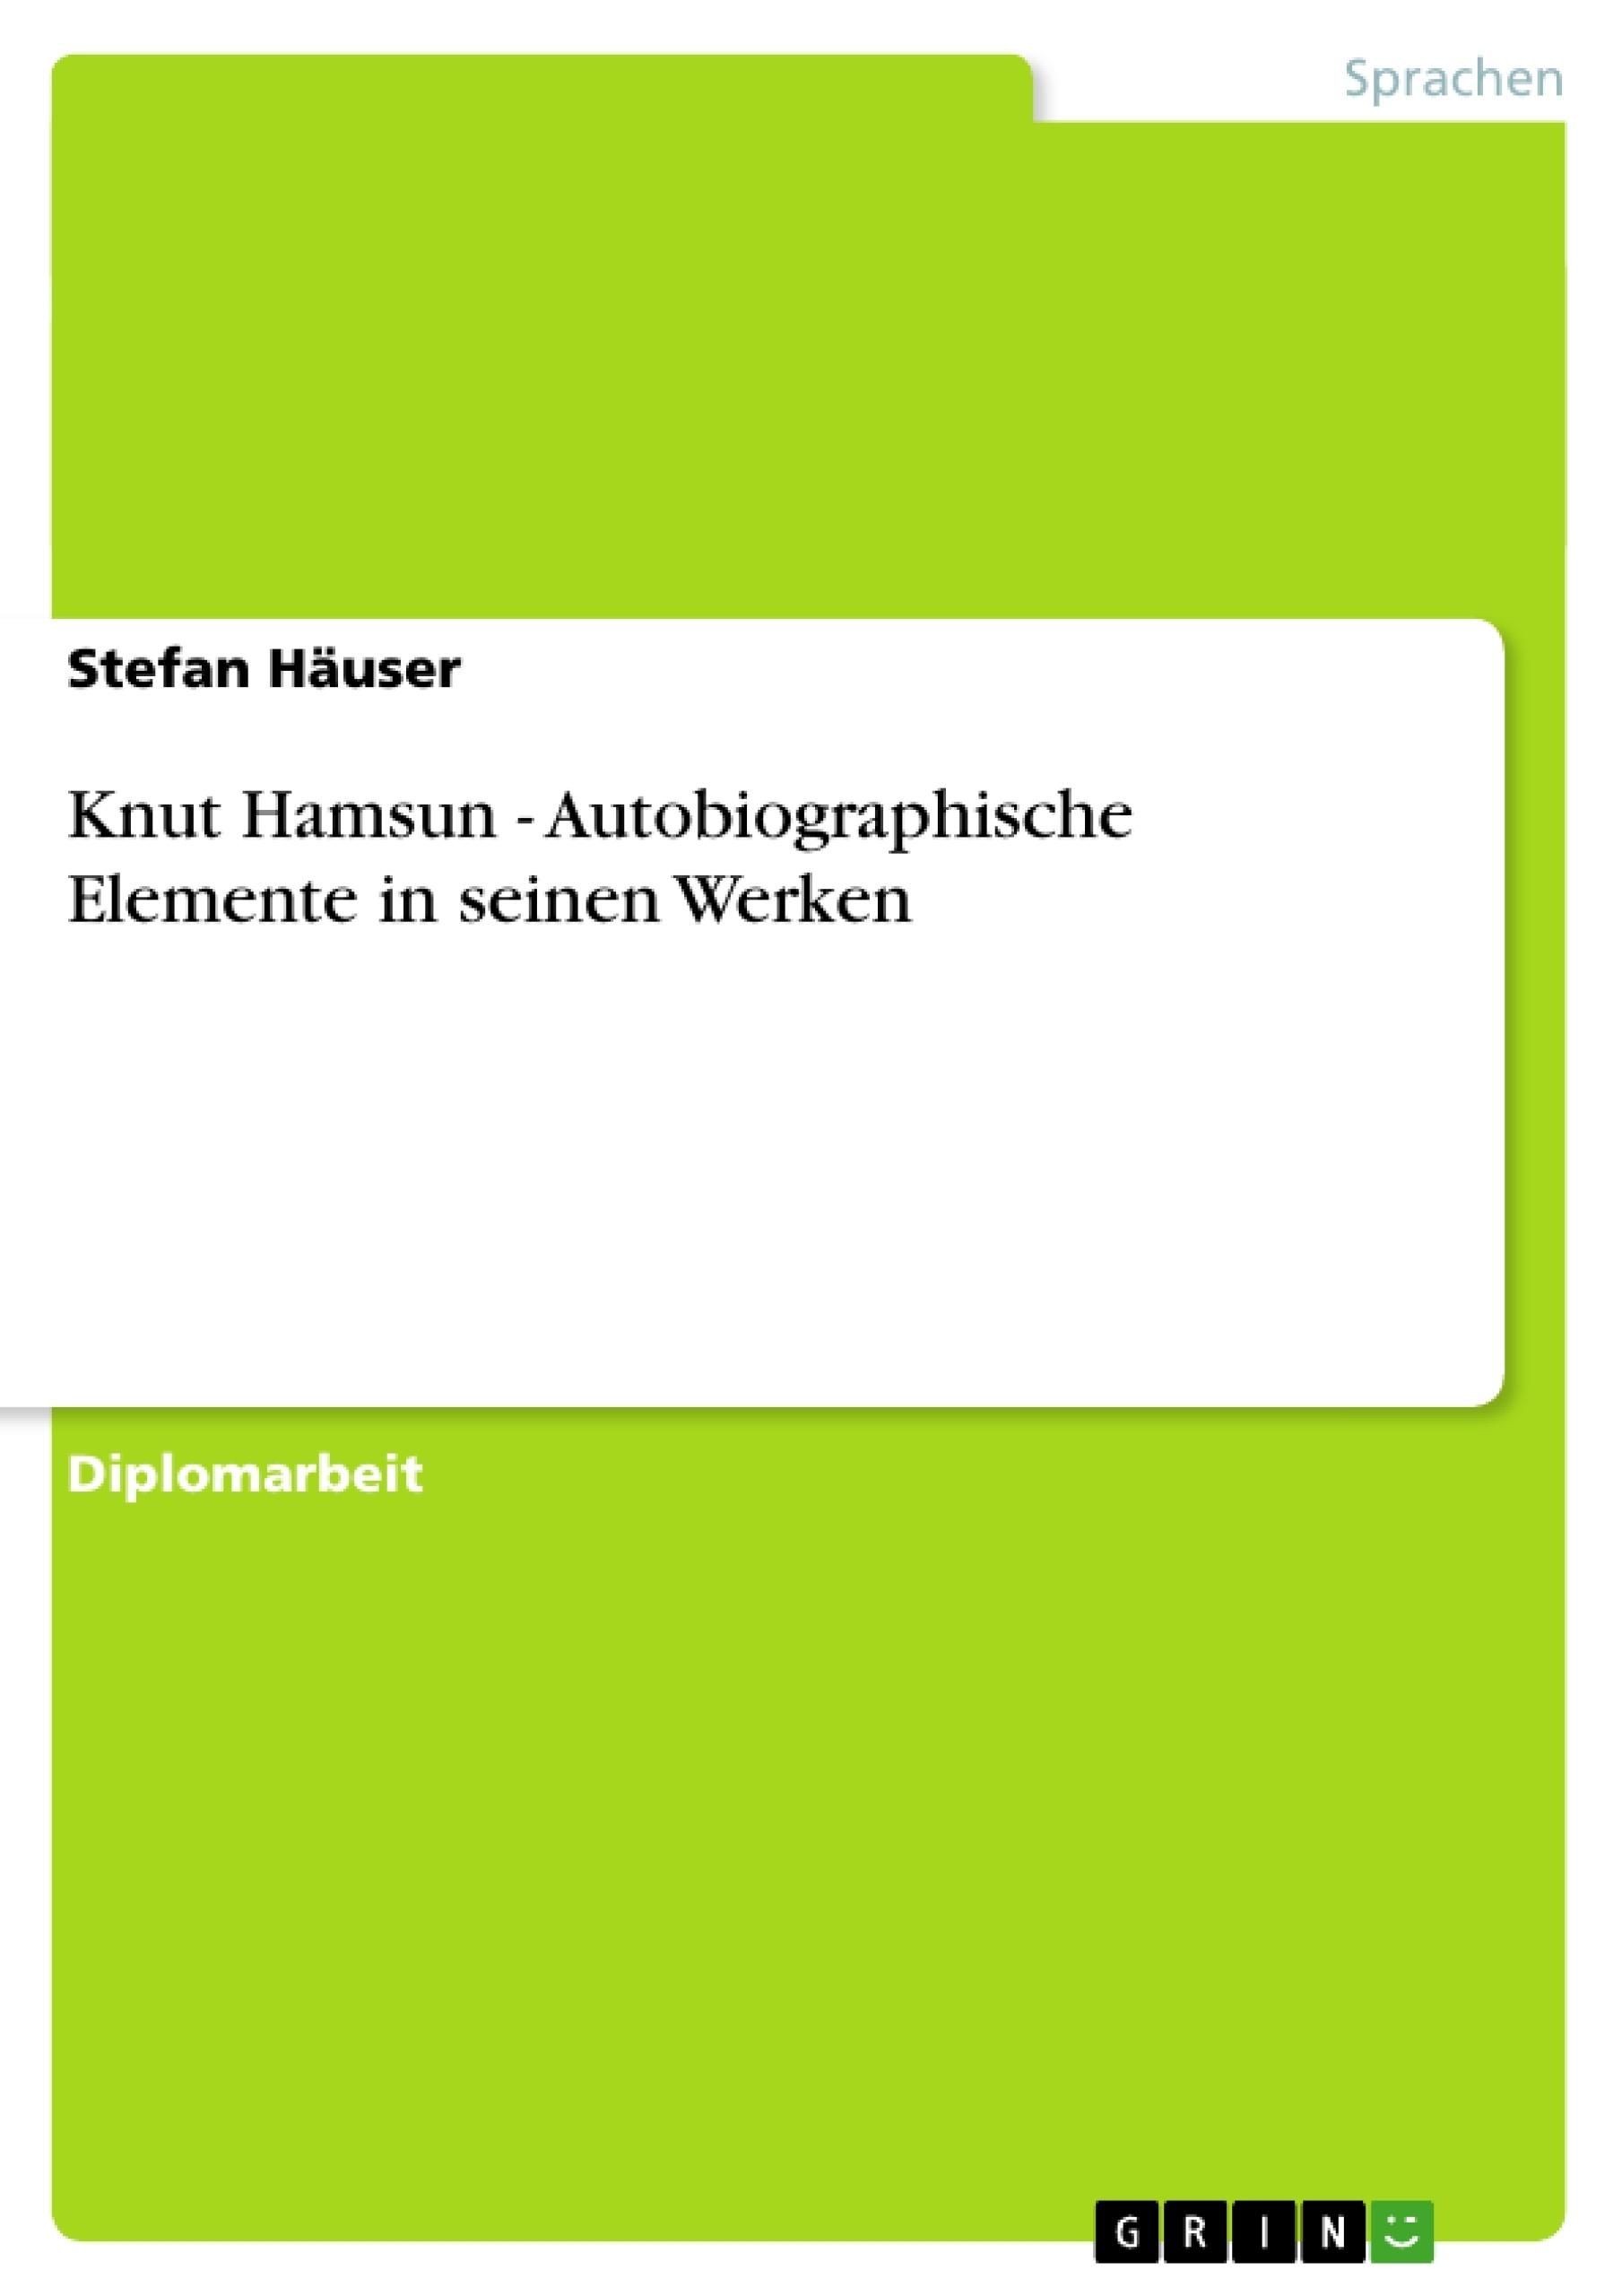 Titel: Knut Hamsun - Autobiographische Elemente in seinen Werken